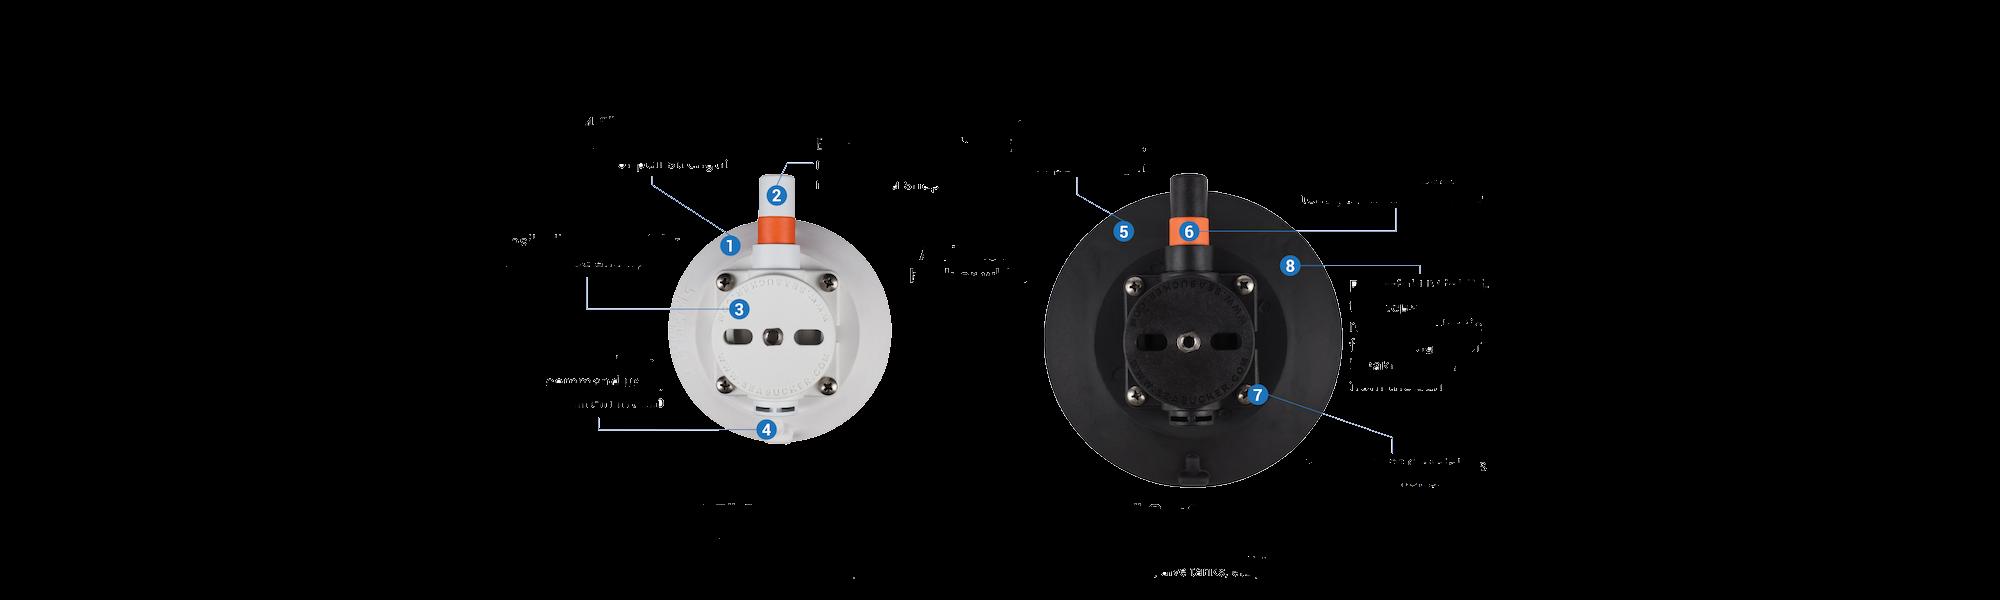 SeaSucker Vacuum Mounts, how do they work?